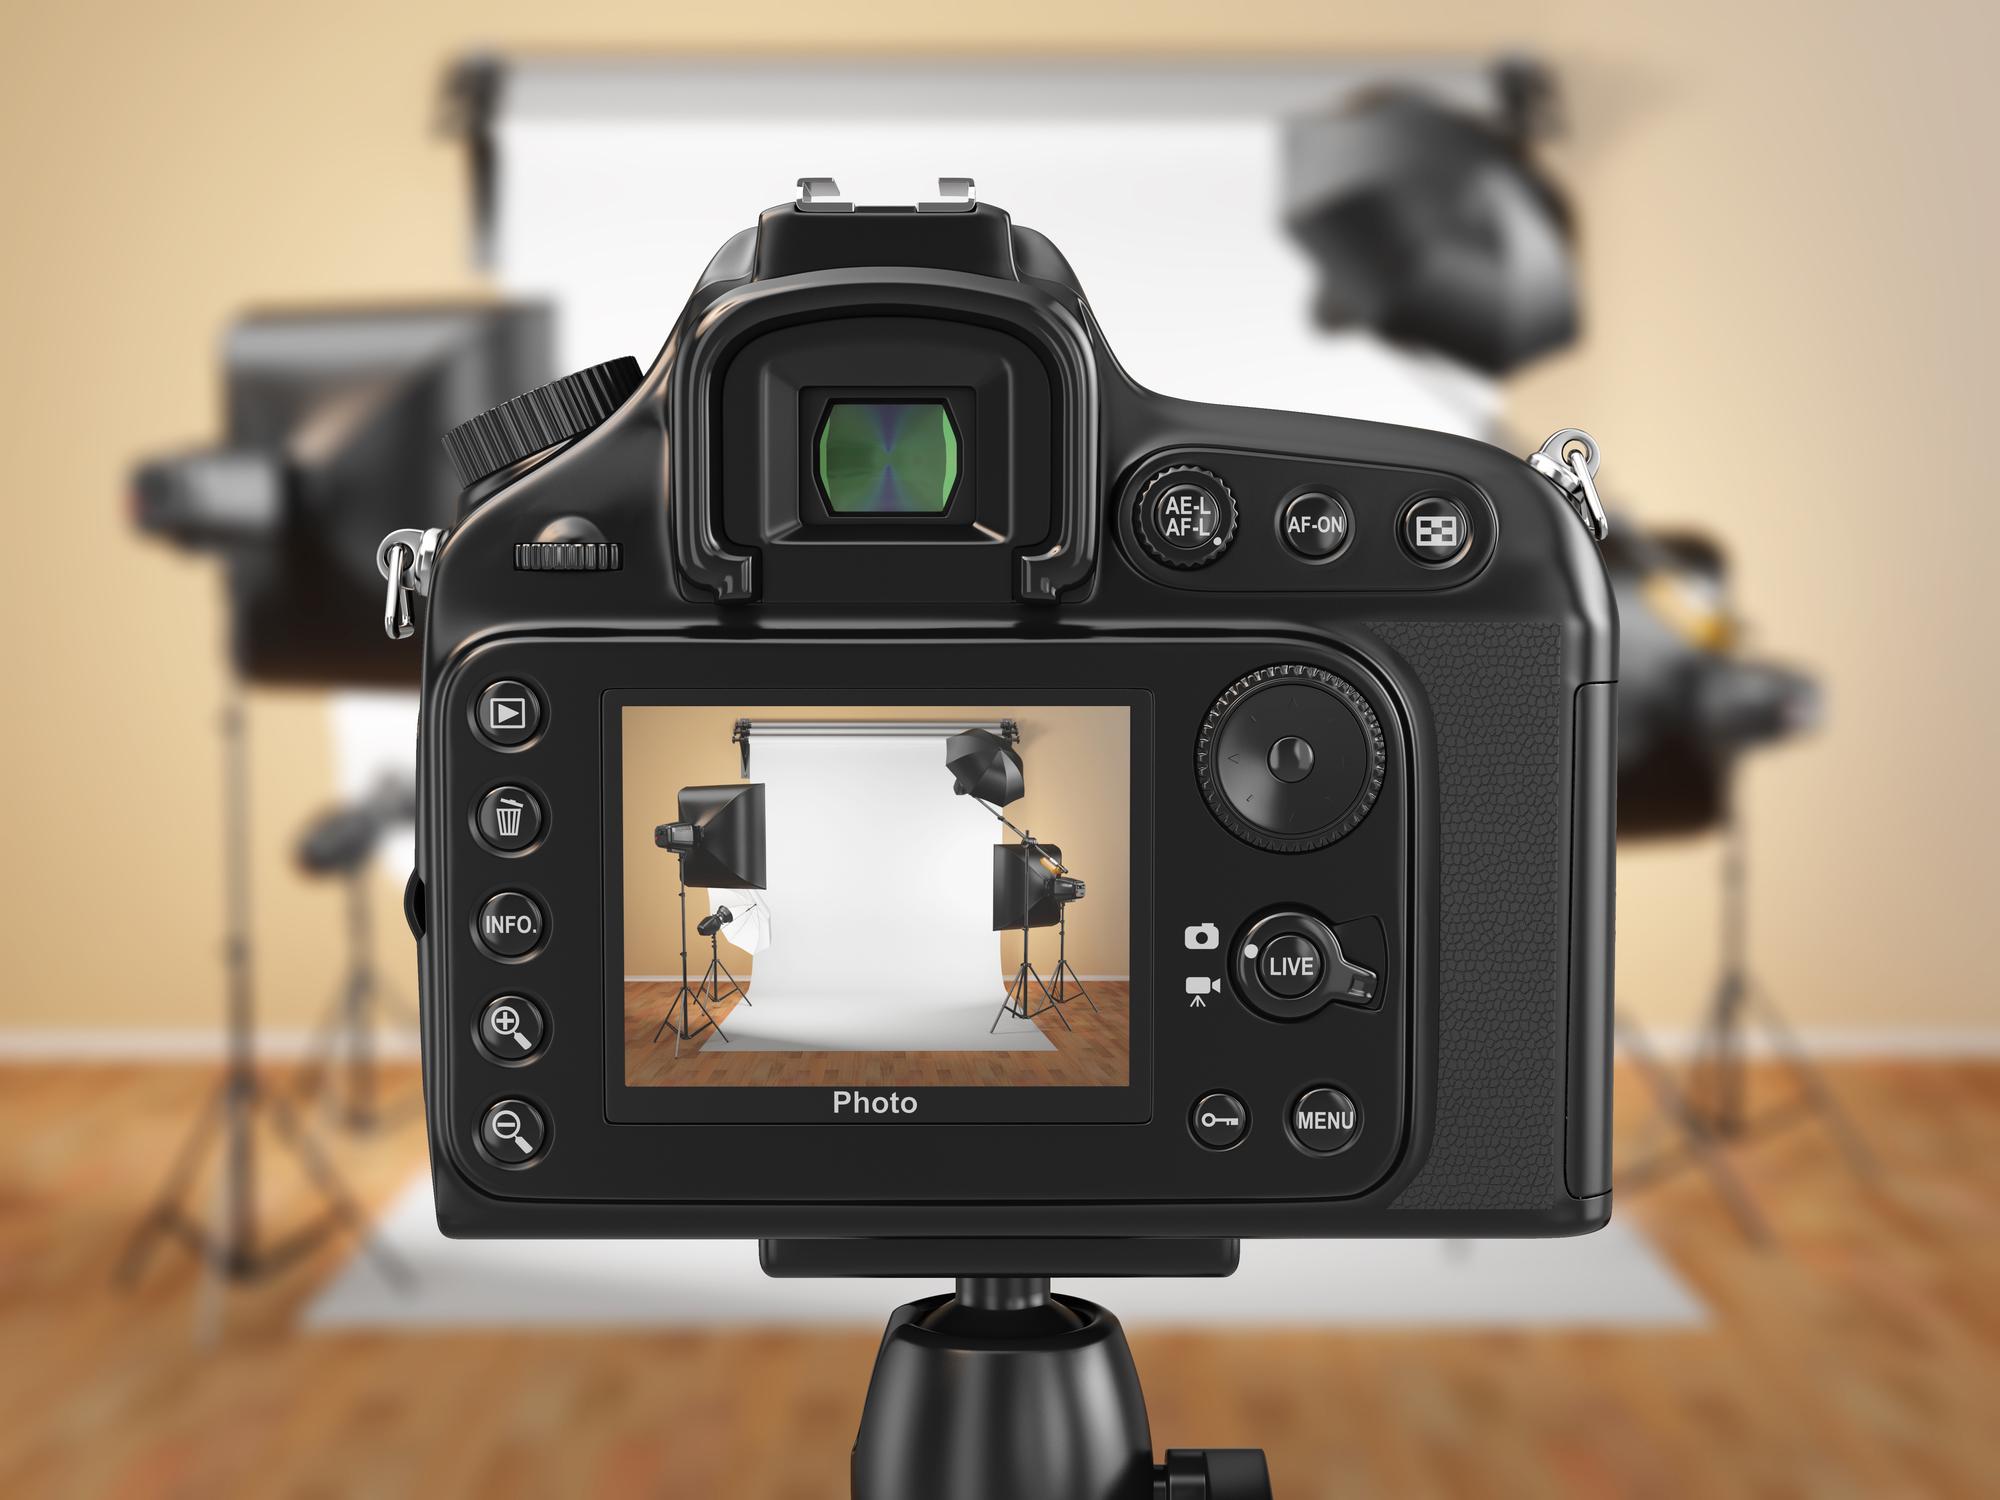 Даже если вы думаете, что необрабатываете свой снимок спомощью софта, насамом деле, вы его всё-таки обрабатываете— как минимум, софтом, установленным накамеру.